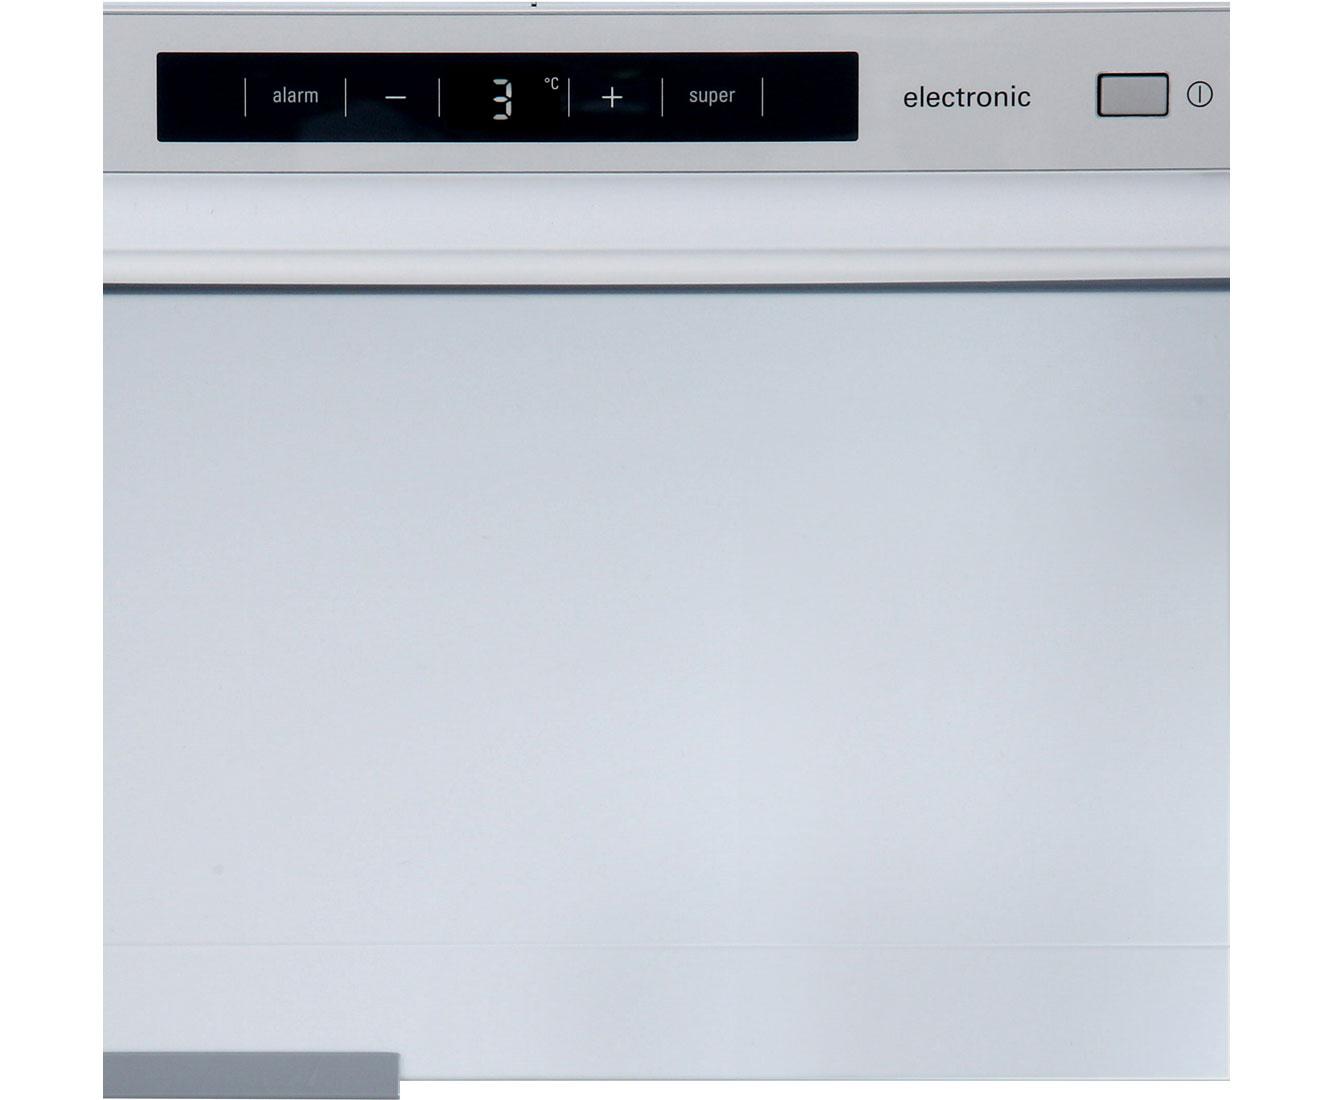 Siemens Kühlschrank Alarm Ausschalten : Siemens kühlschrank gefrierfach alarm kühl gefrierkombinationen